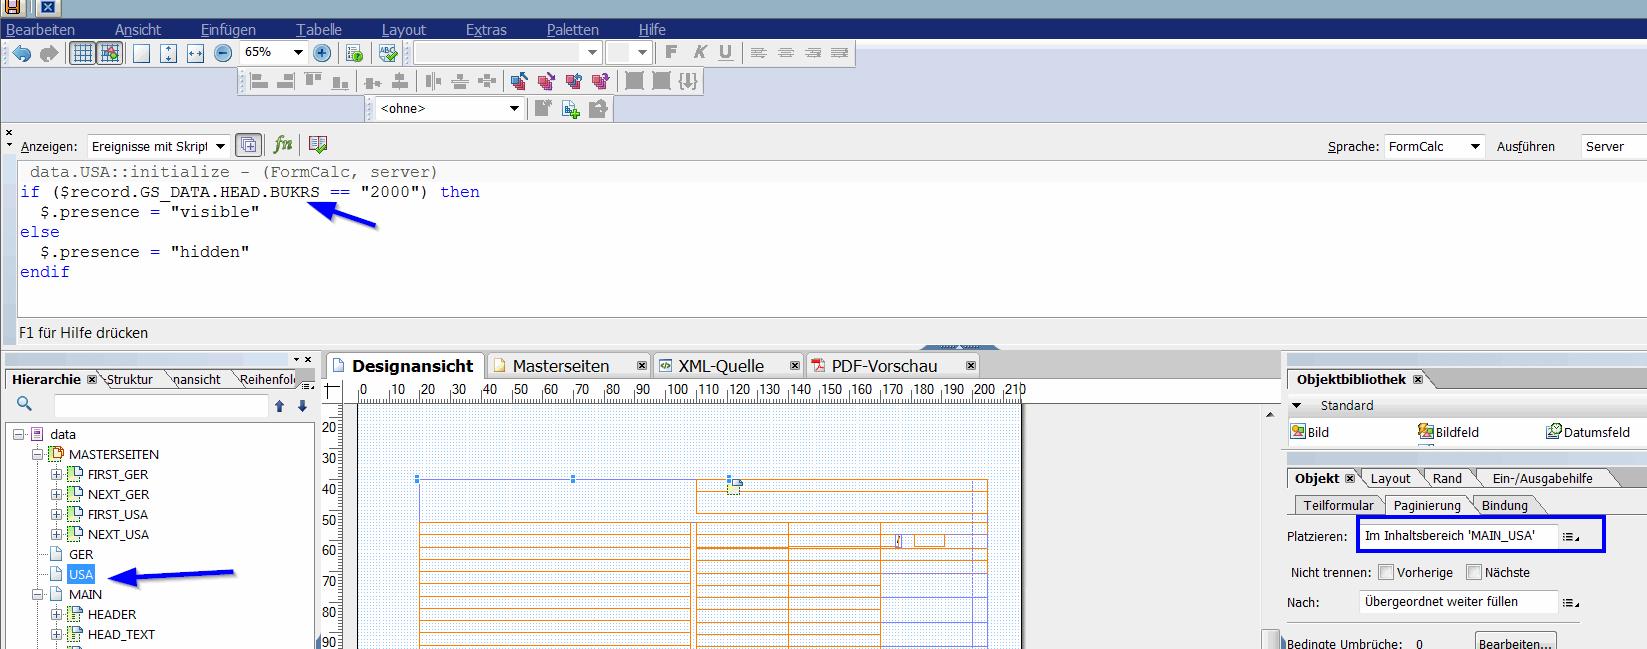 Adobe Forms programmed page break 8